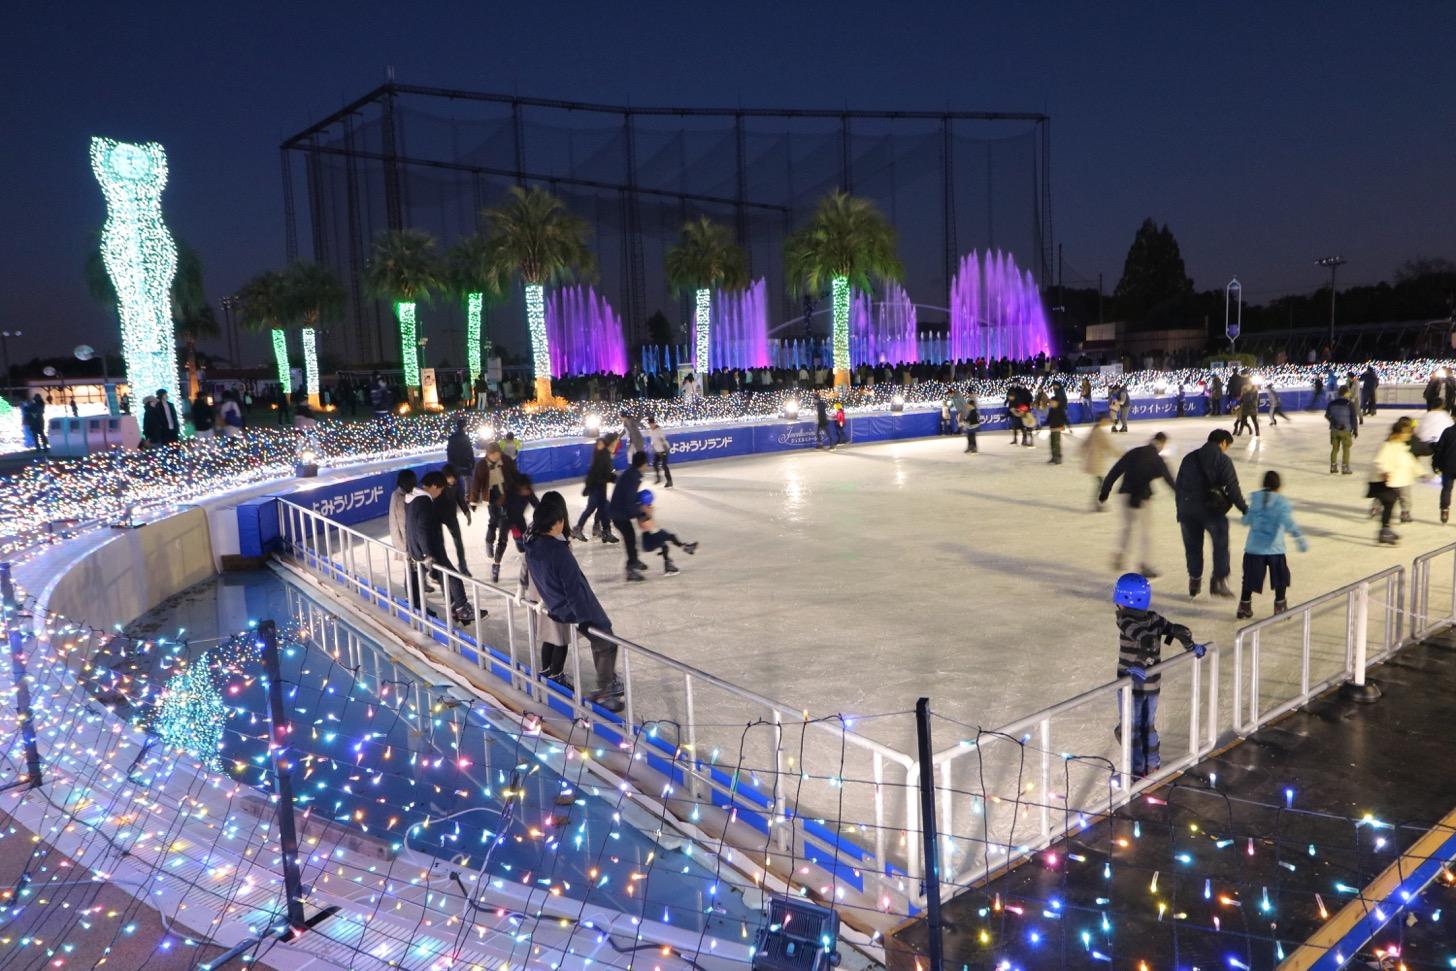 「アイススケート 昨年の様子2」